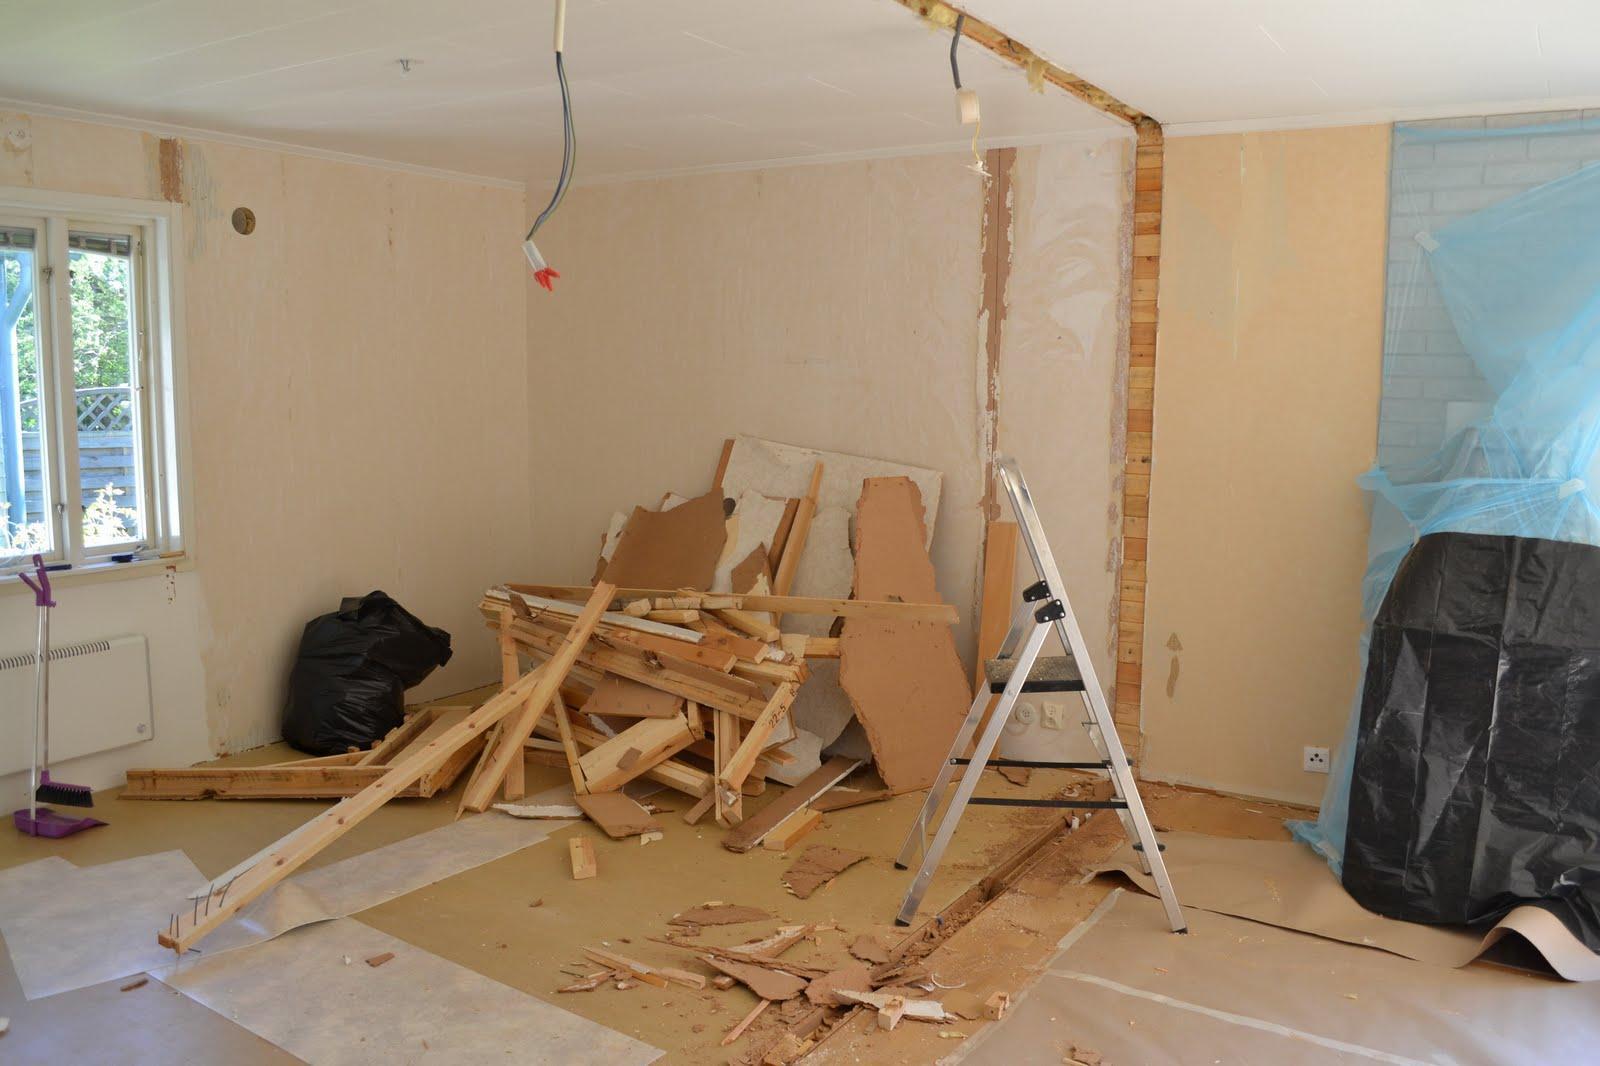 laga golv efter riven vägg